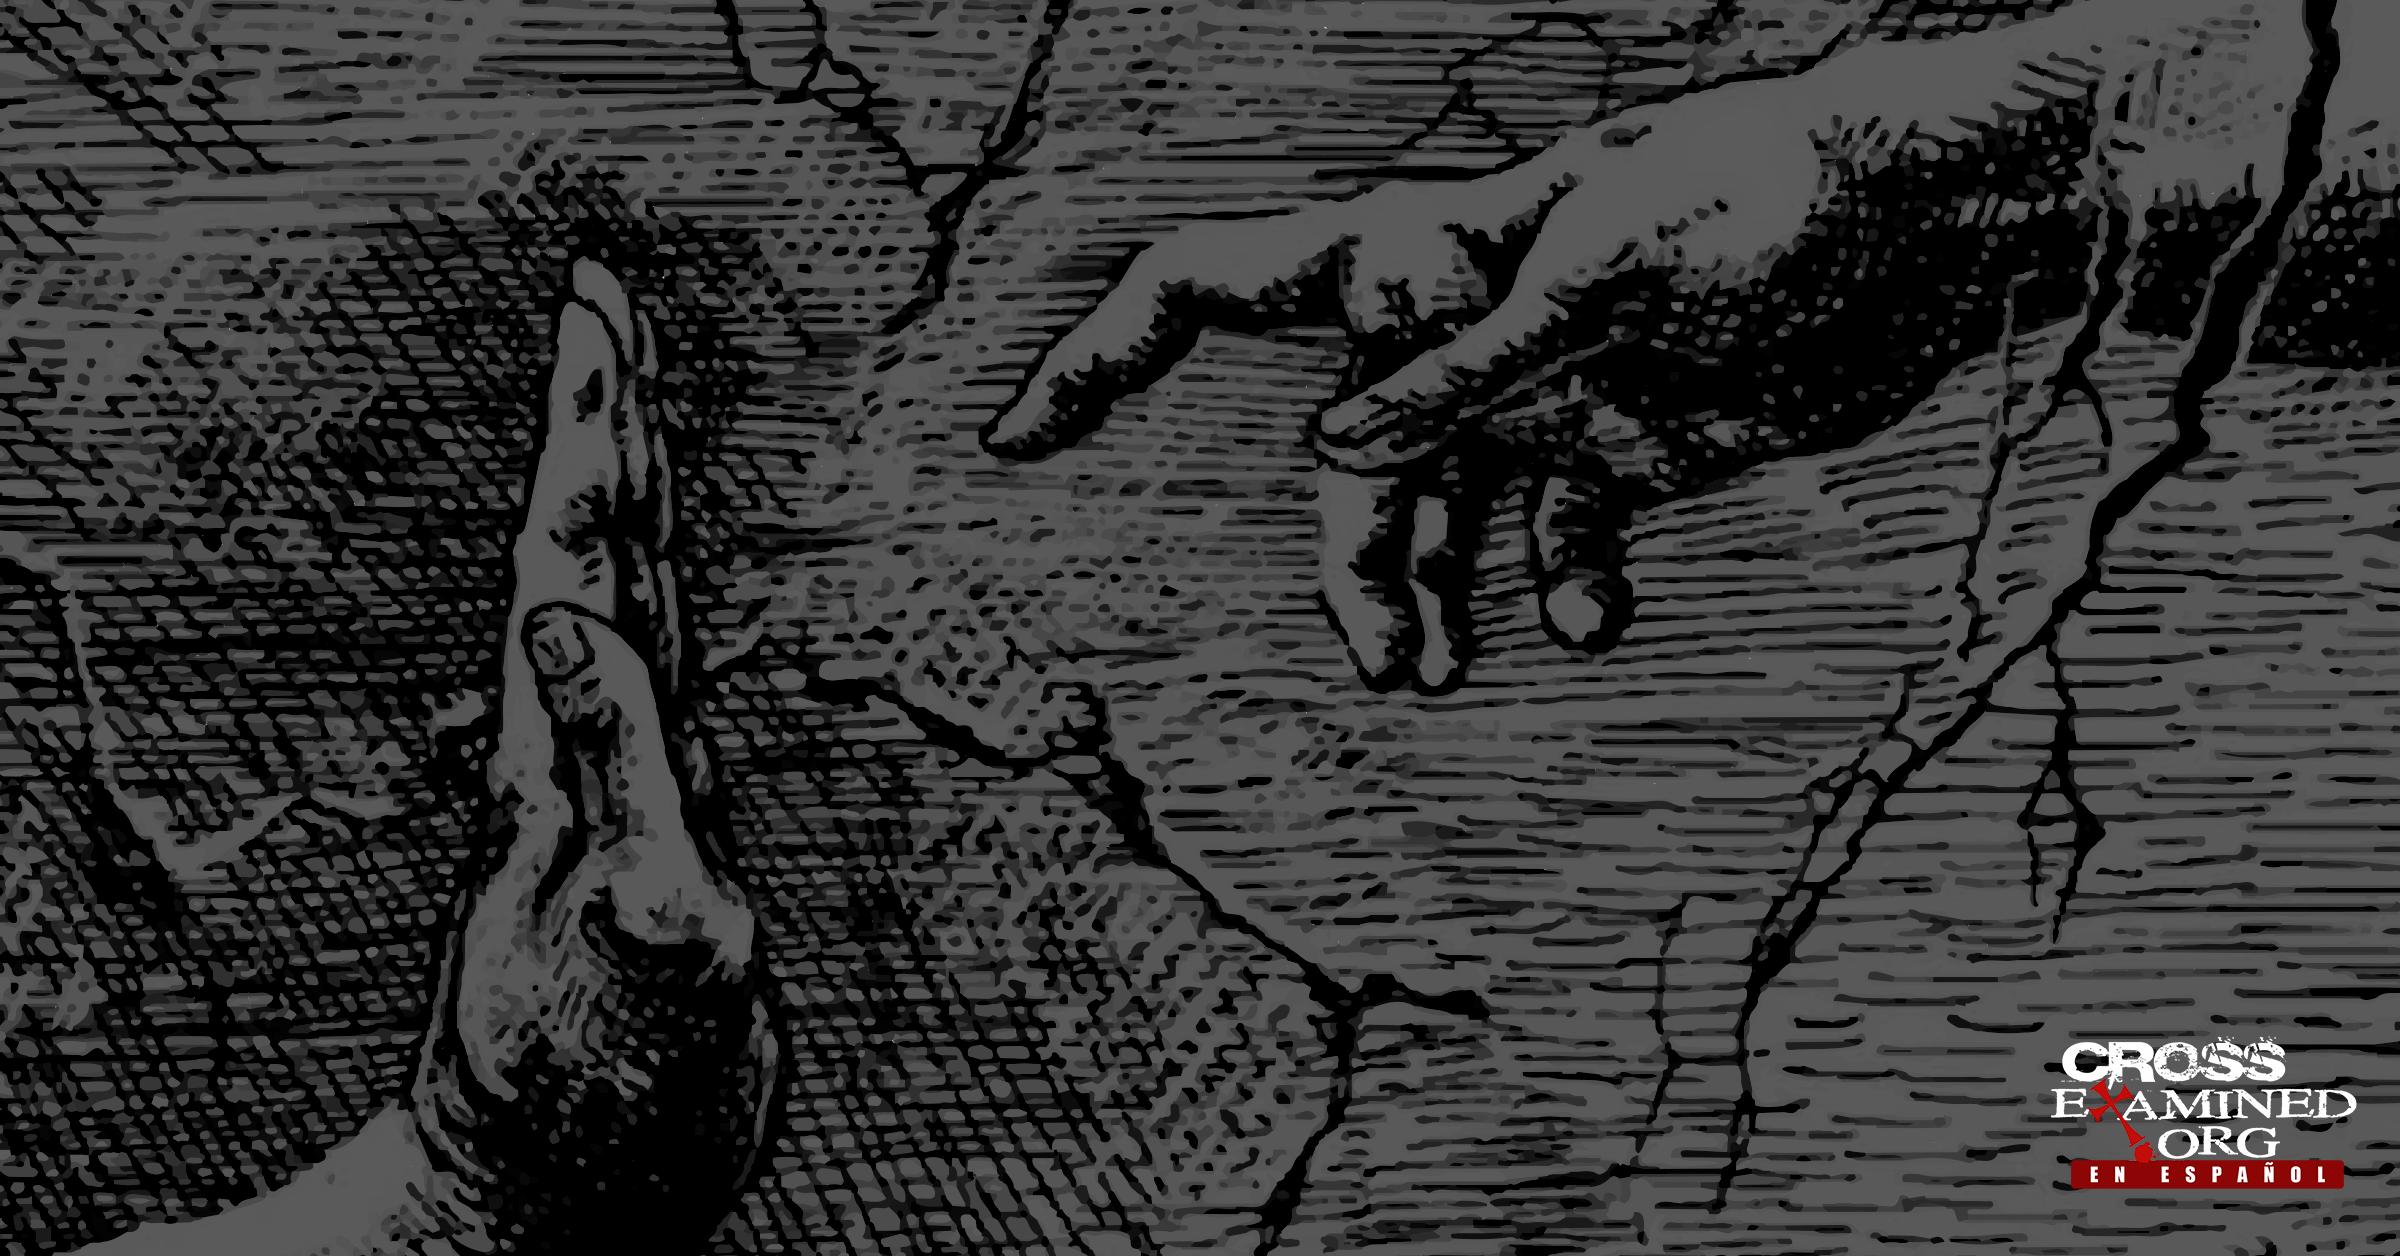 Un caso contra el teísmo (Parte 2)